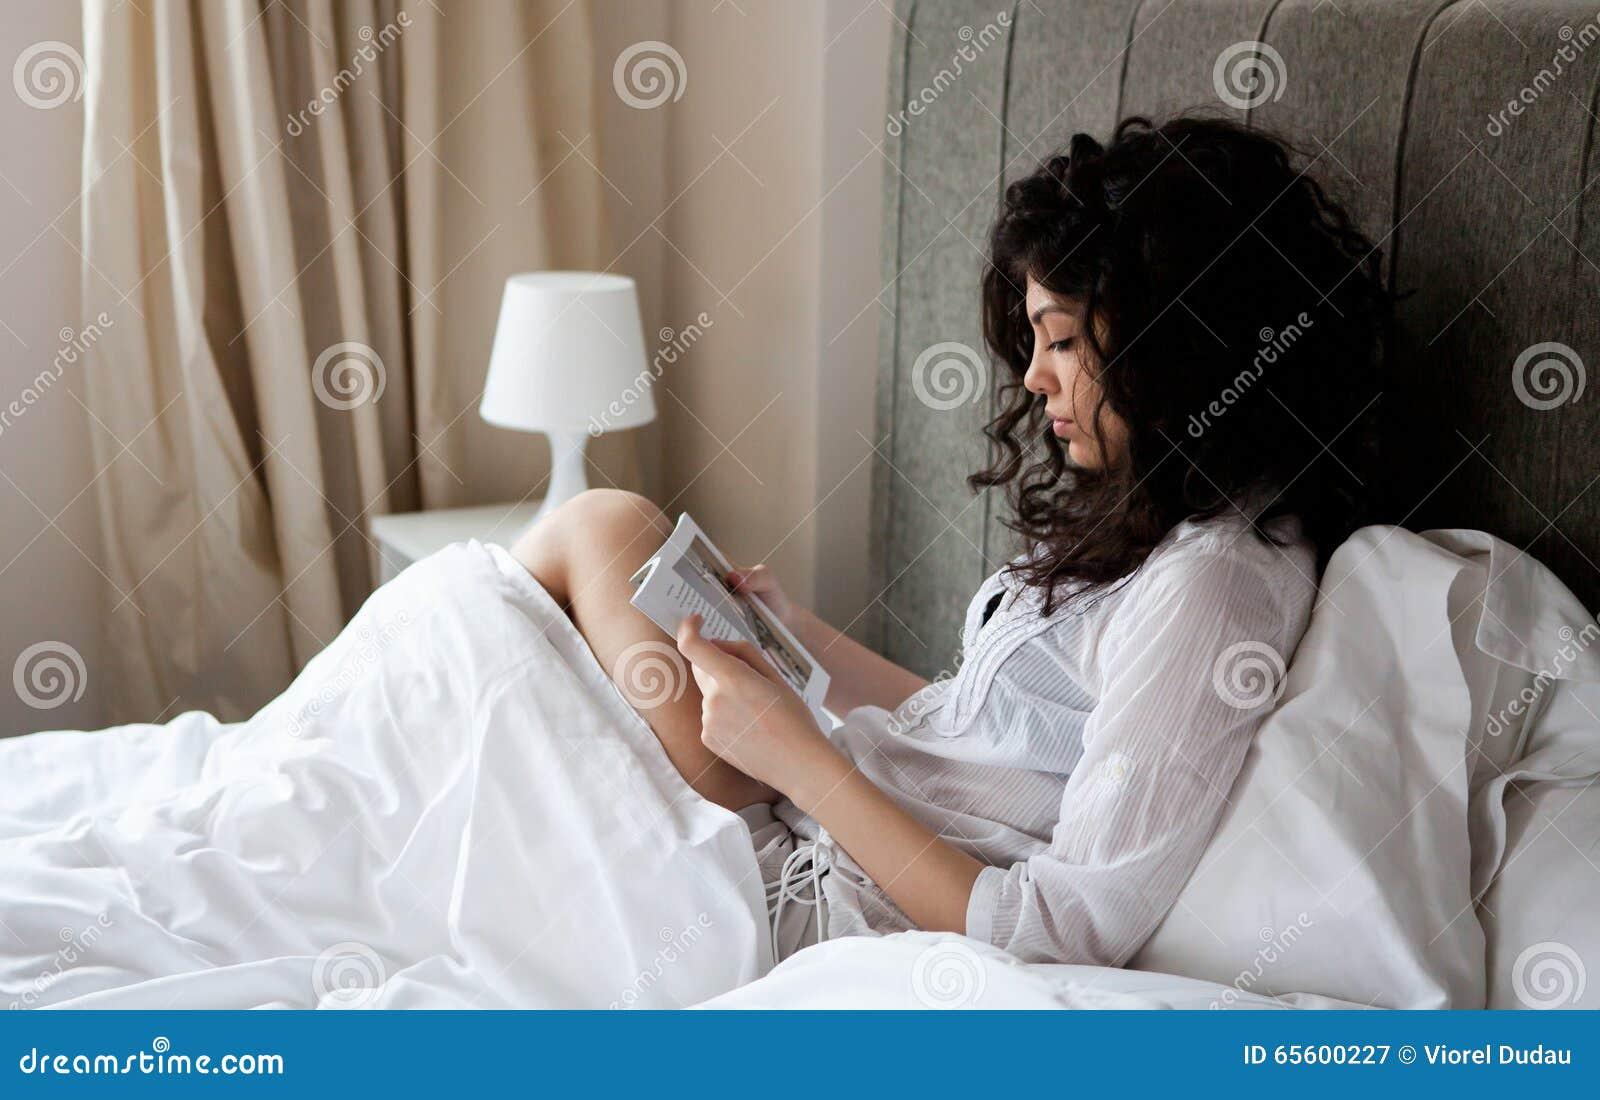 Ανάγνωση γυναικών στο σπορείο